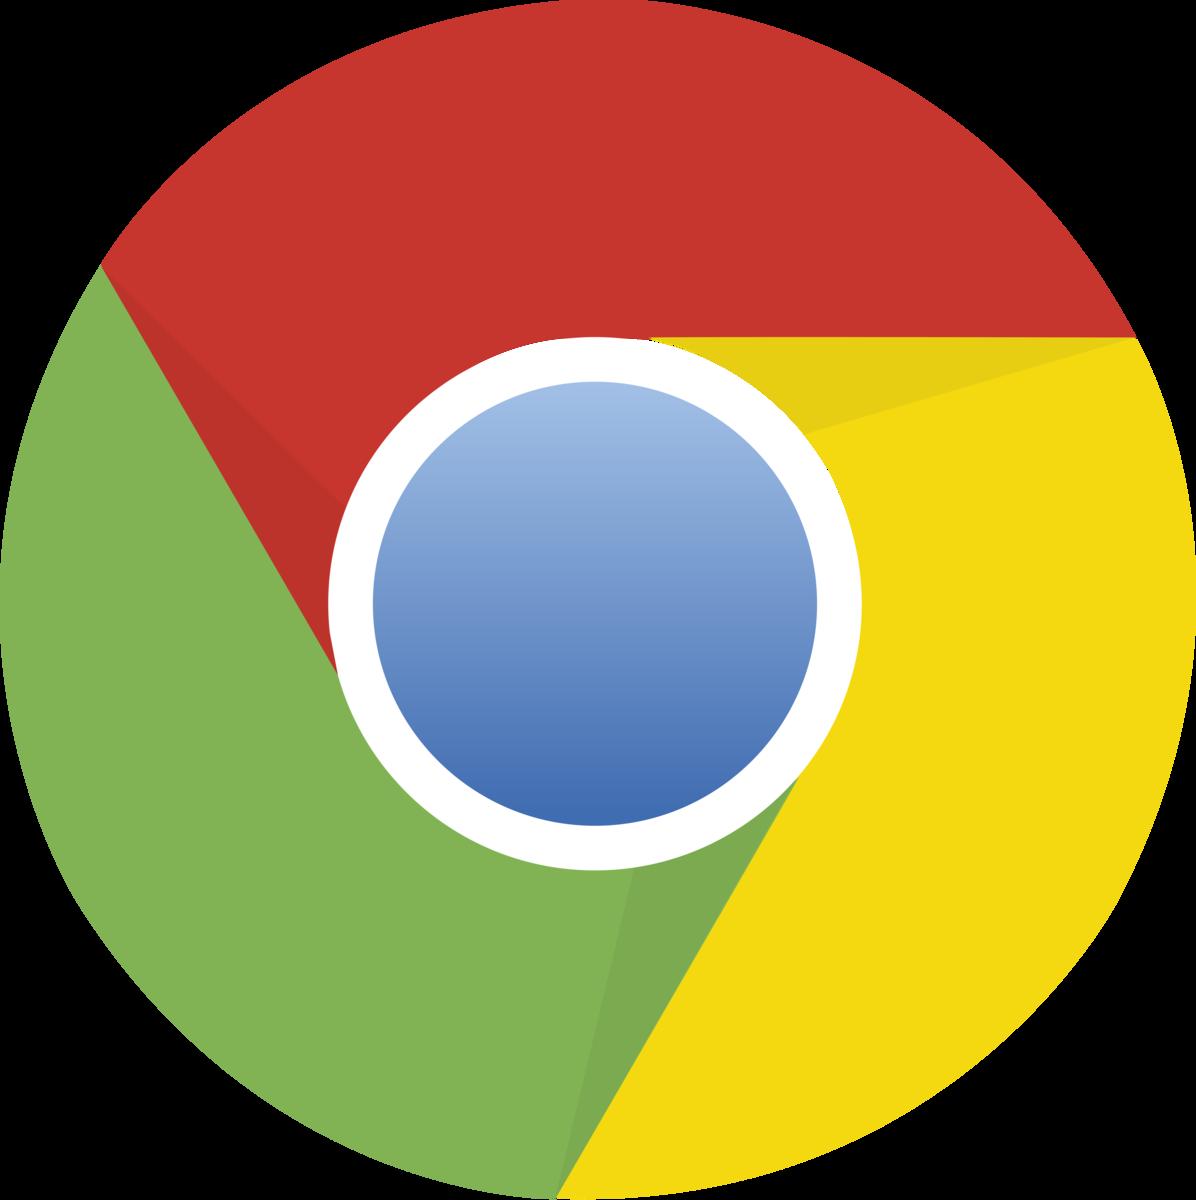 グーグルクロームのロゴ